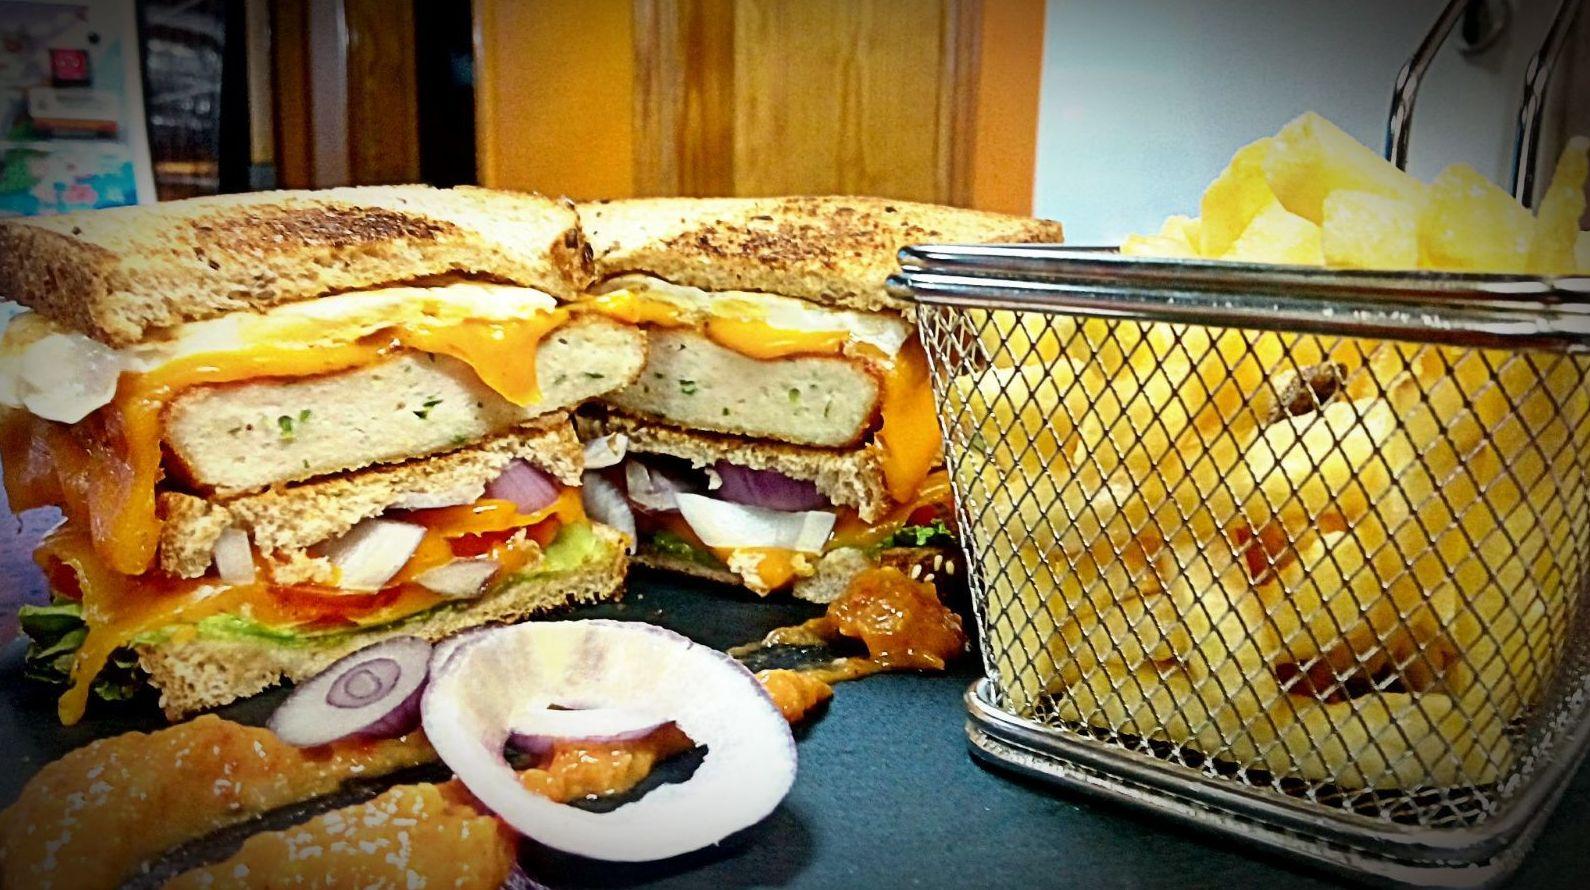 sándwich de escalope de pollo casero.